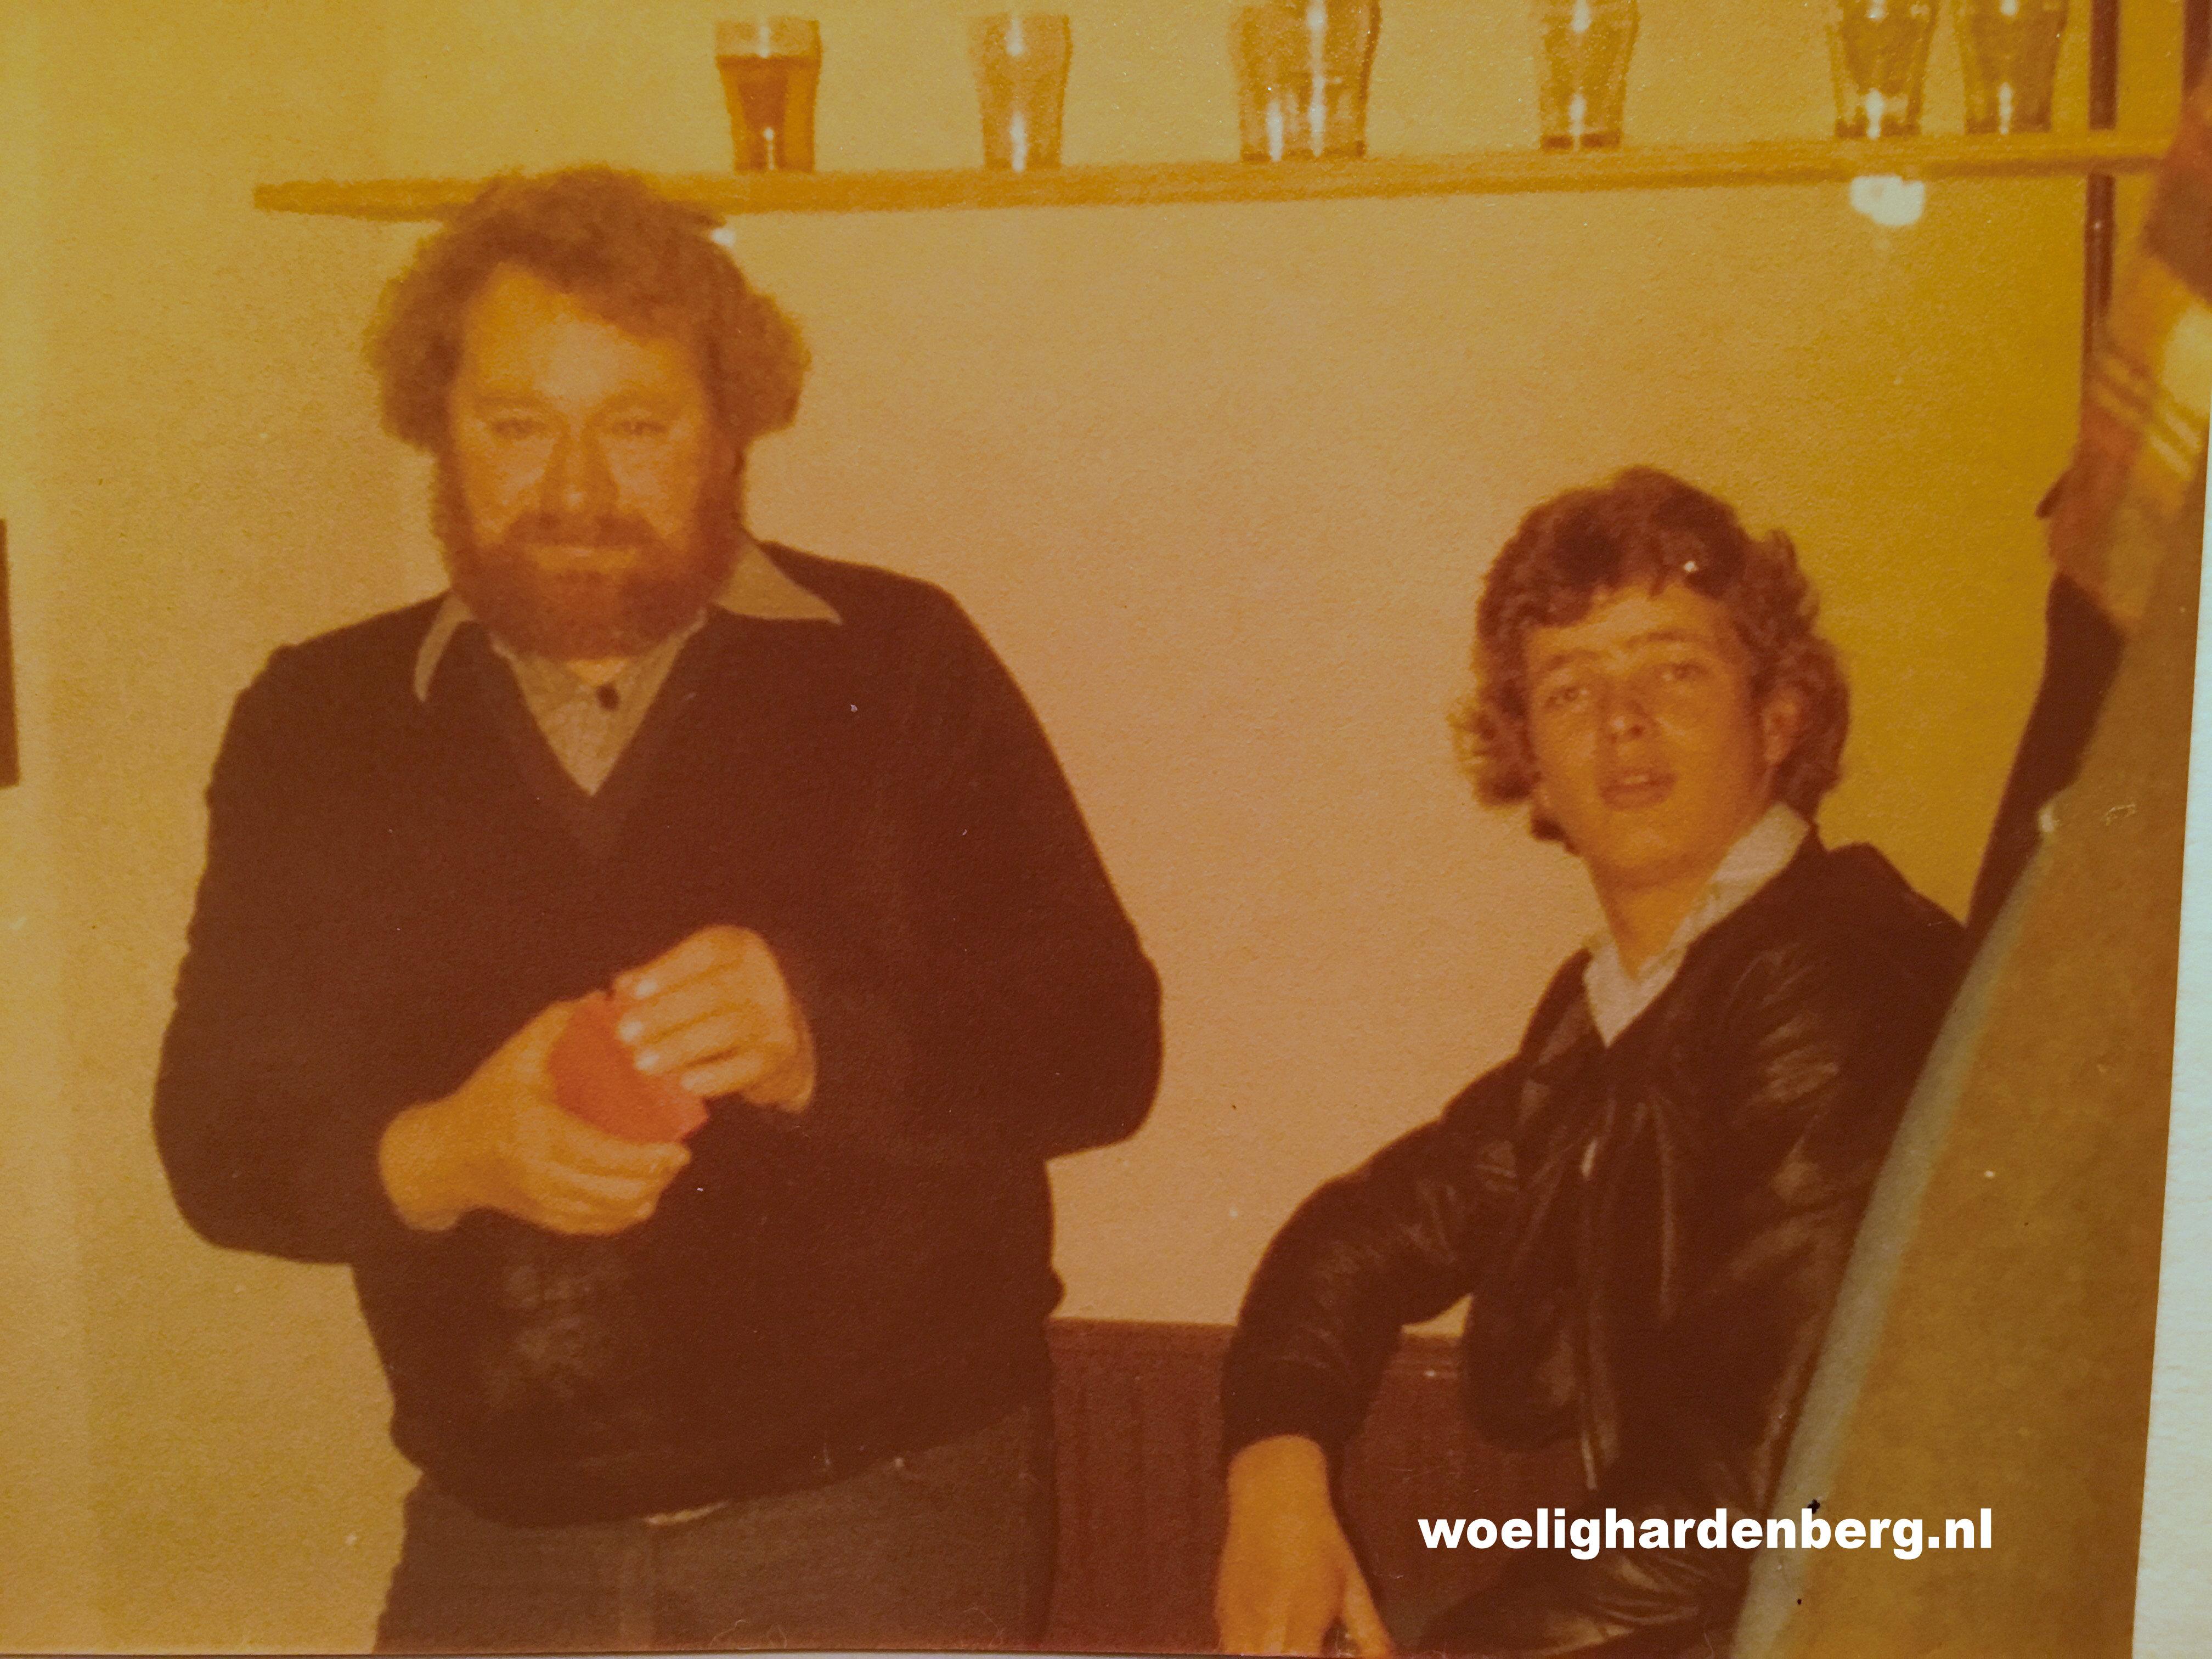 Roelof Veltink, Gert Waterink